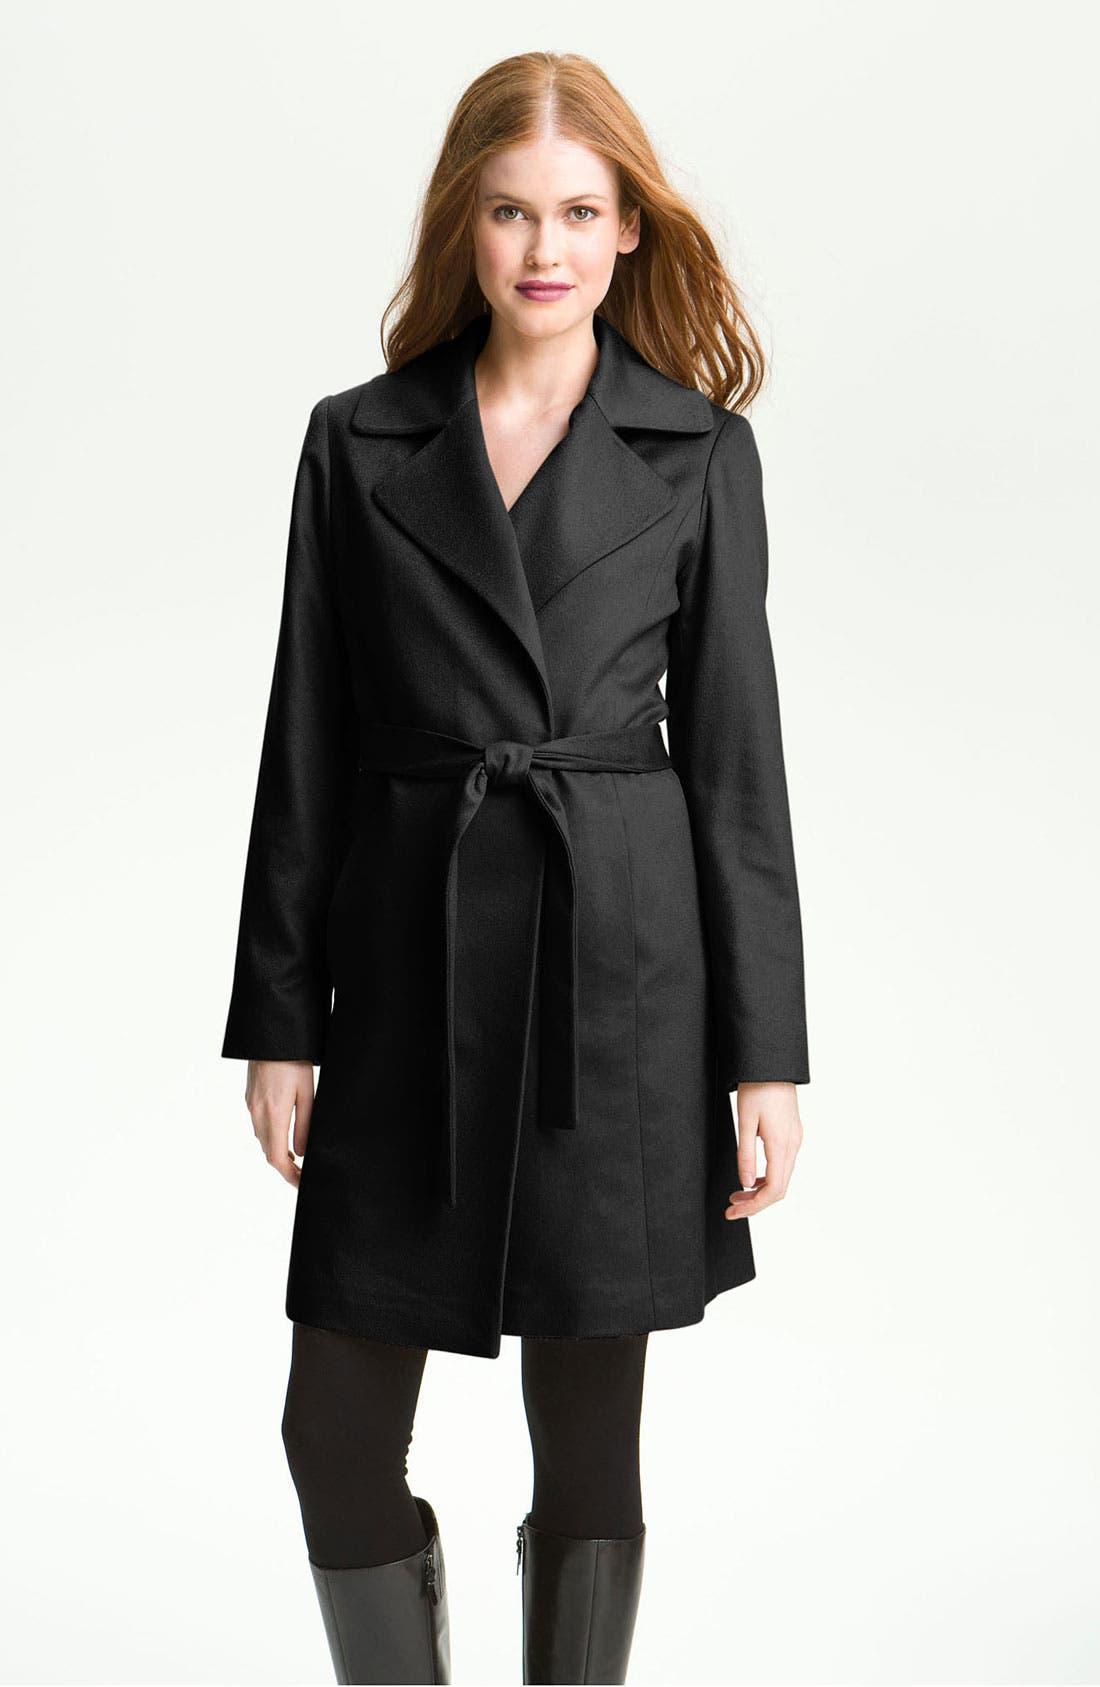 Main Image - Fleurette Lightweight Cashmere Wrap Coat (Online Exclusive)